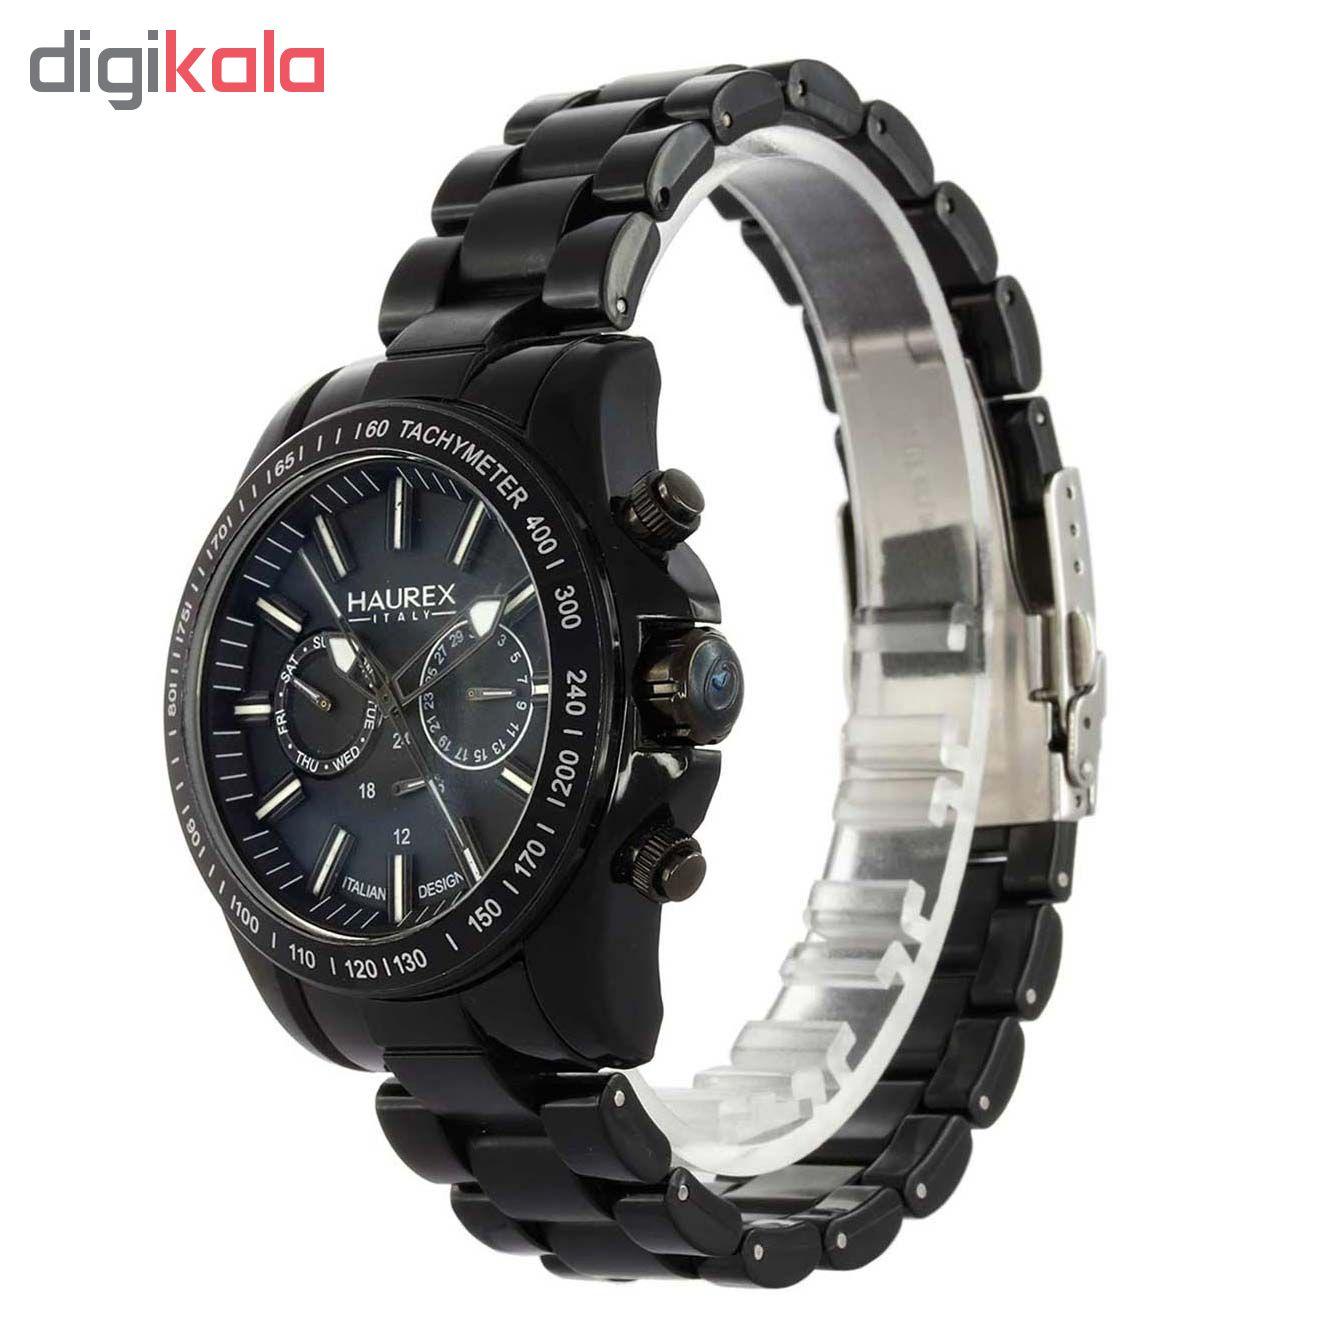 a96dff7b2 ساعت مچی عقربه ای مردانه هورکس مدل ZQHX-N0366UNN - فروشگاه ساعت مچی | ⏱